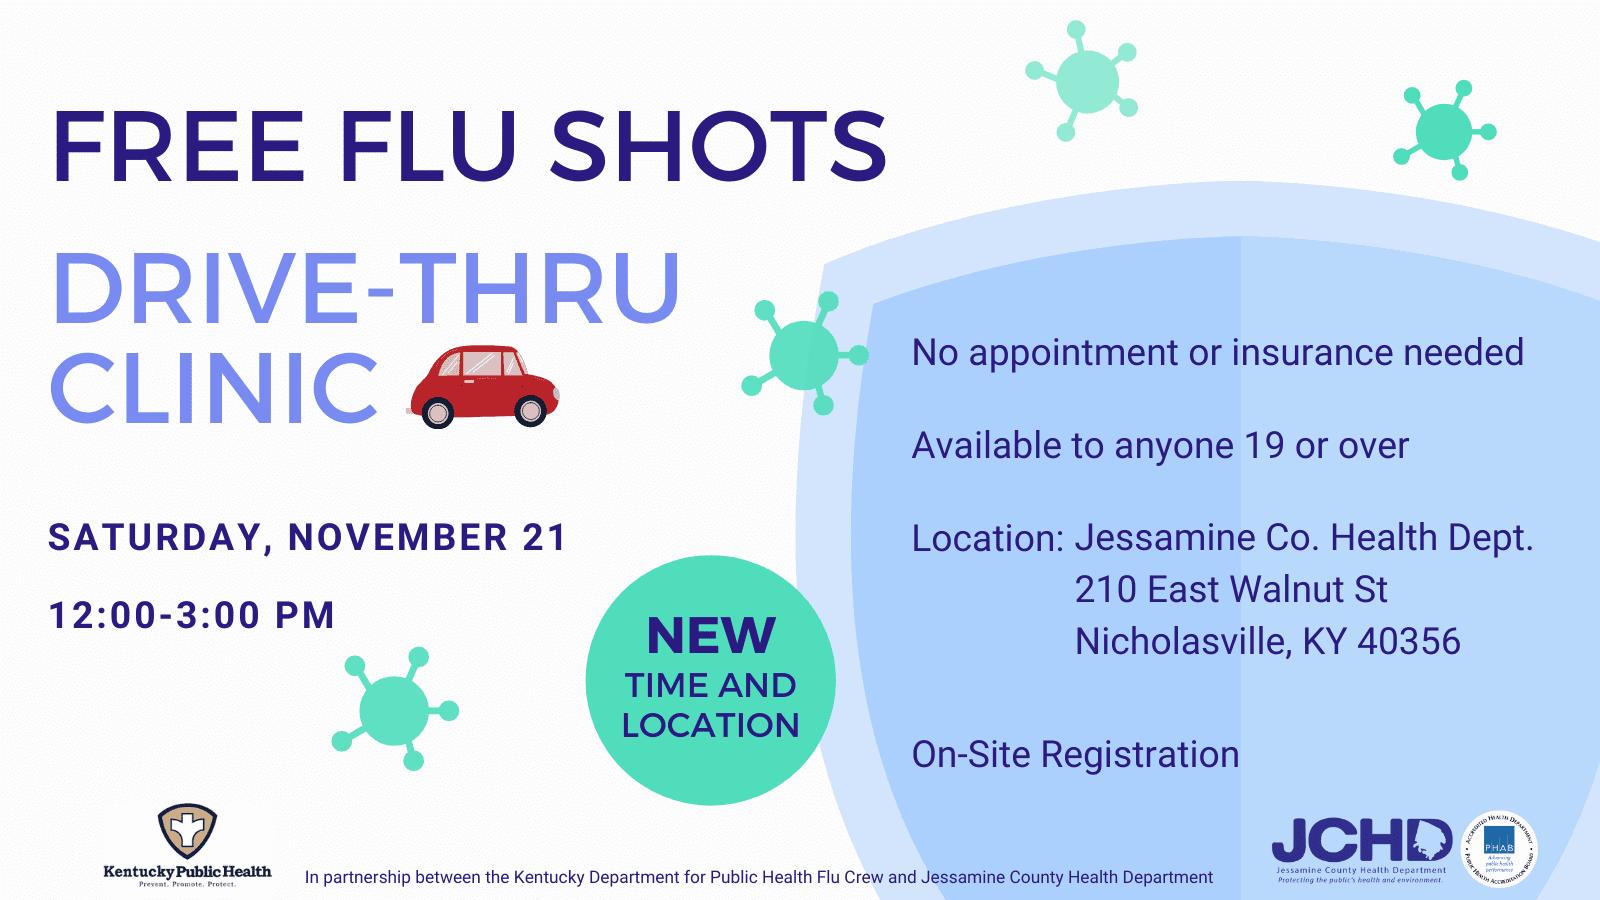 Drive Thru Flu Clinic @ JCHD parking lot